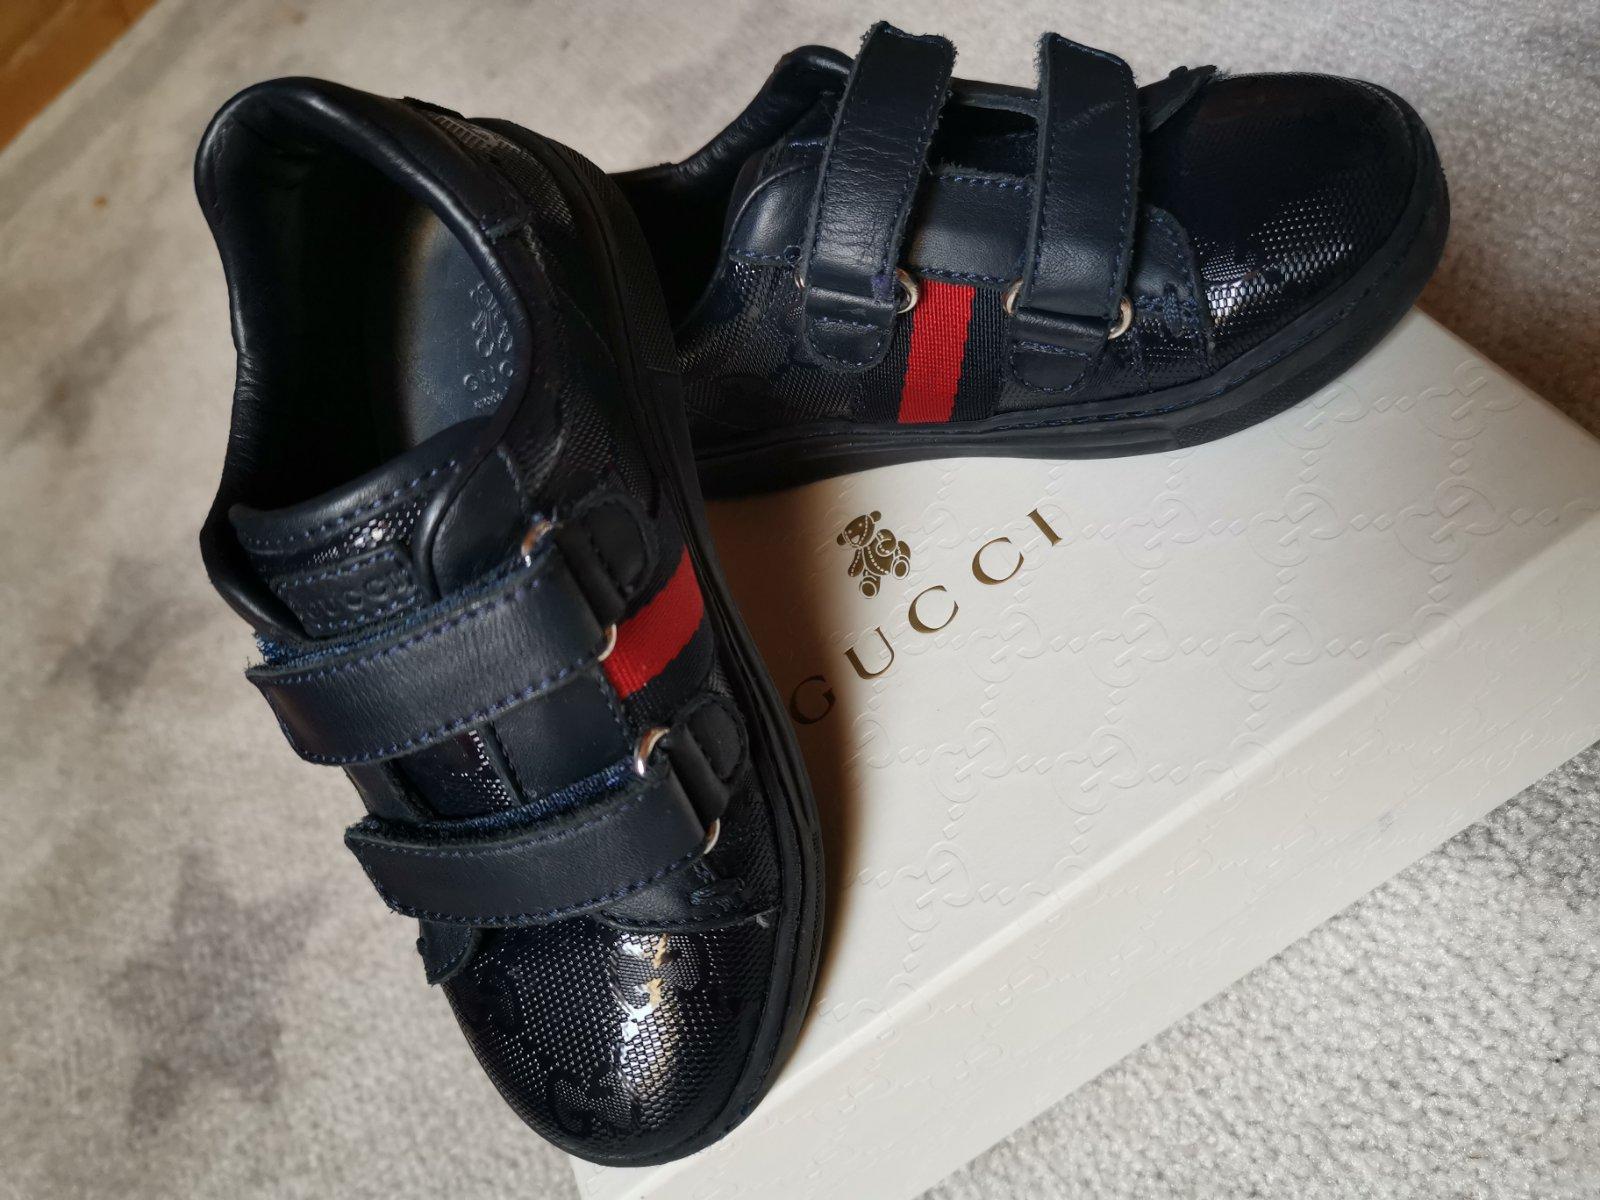 105d2be37 Gucci tenisky, 25 - 80 € od predávajúcej nicolsulcus | Detský bazár |  ModryKonik.sk